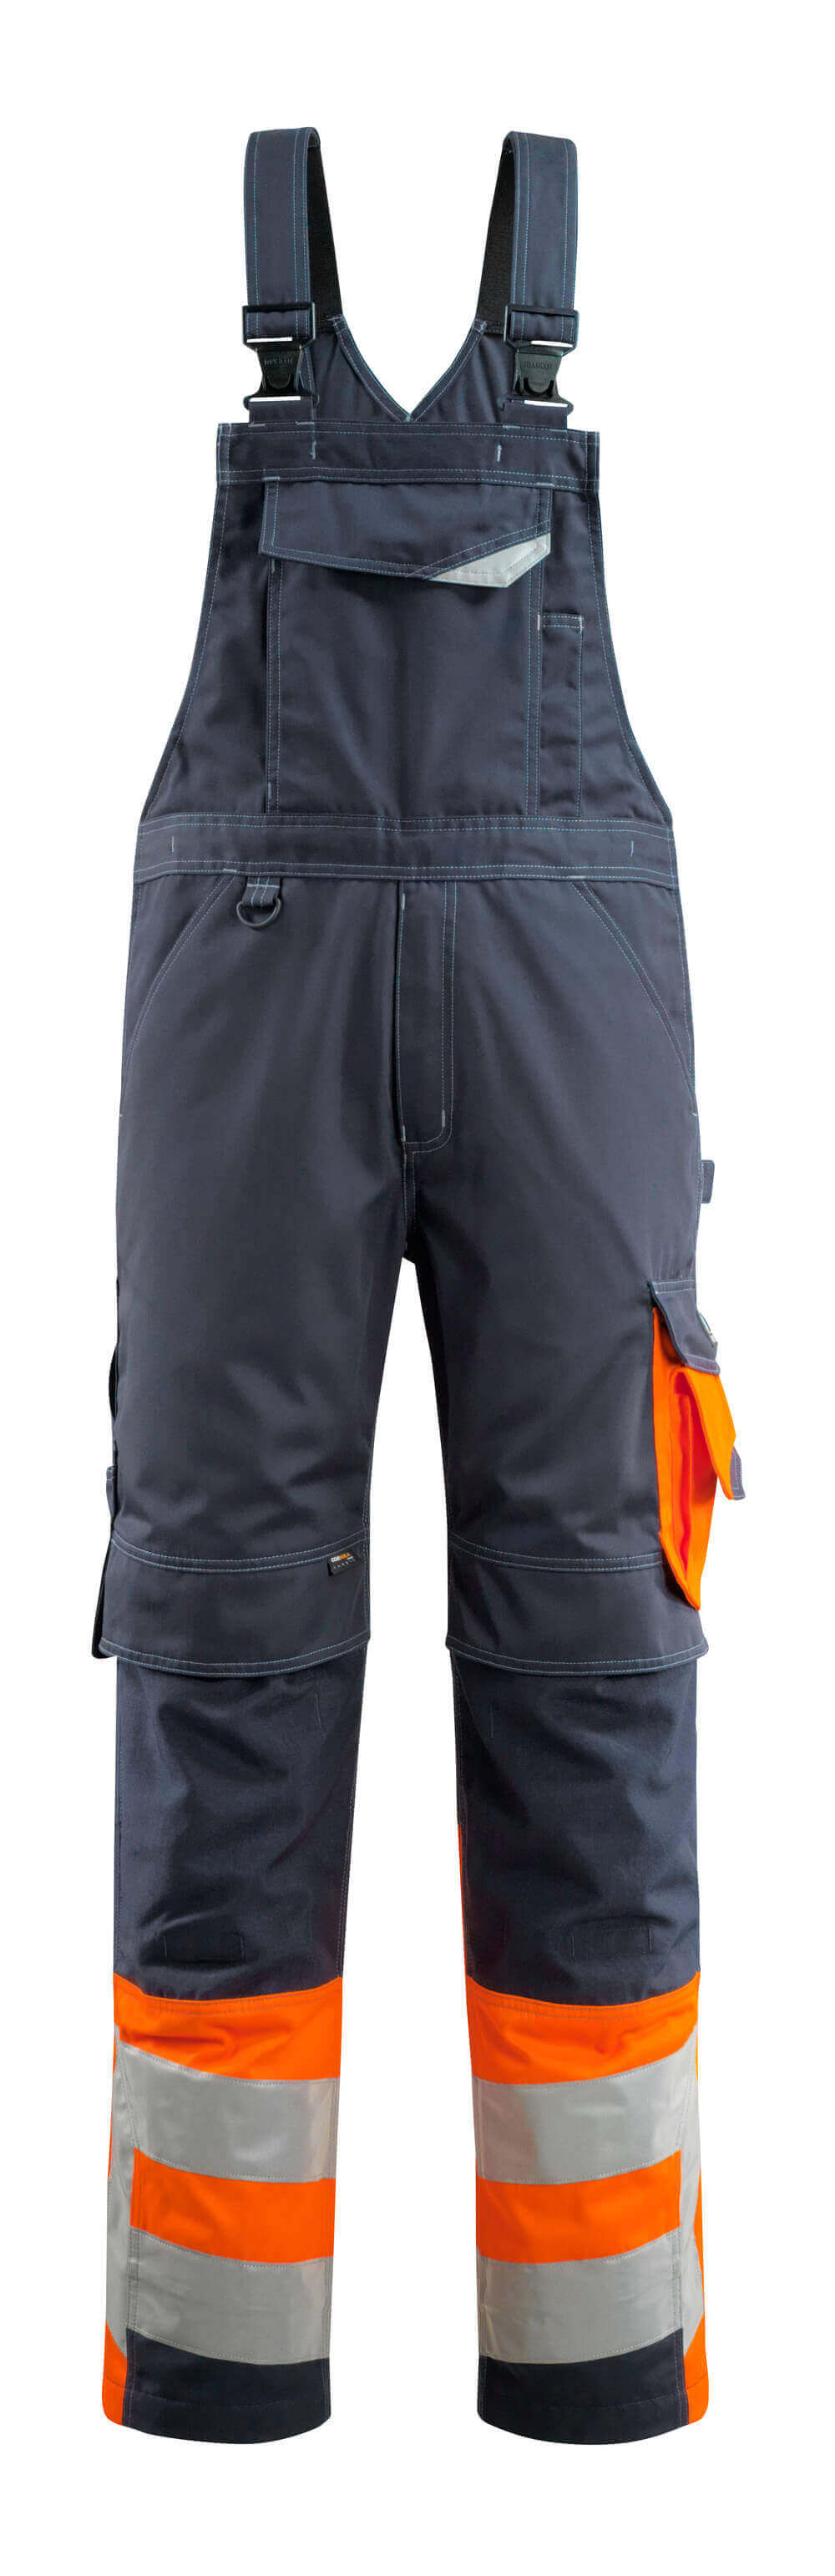 15669-860-01014 Ogrodniczki z kieszeniami na kolanach - ciemny granat/pomarańcz hi-vis